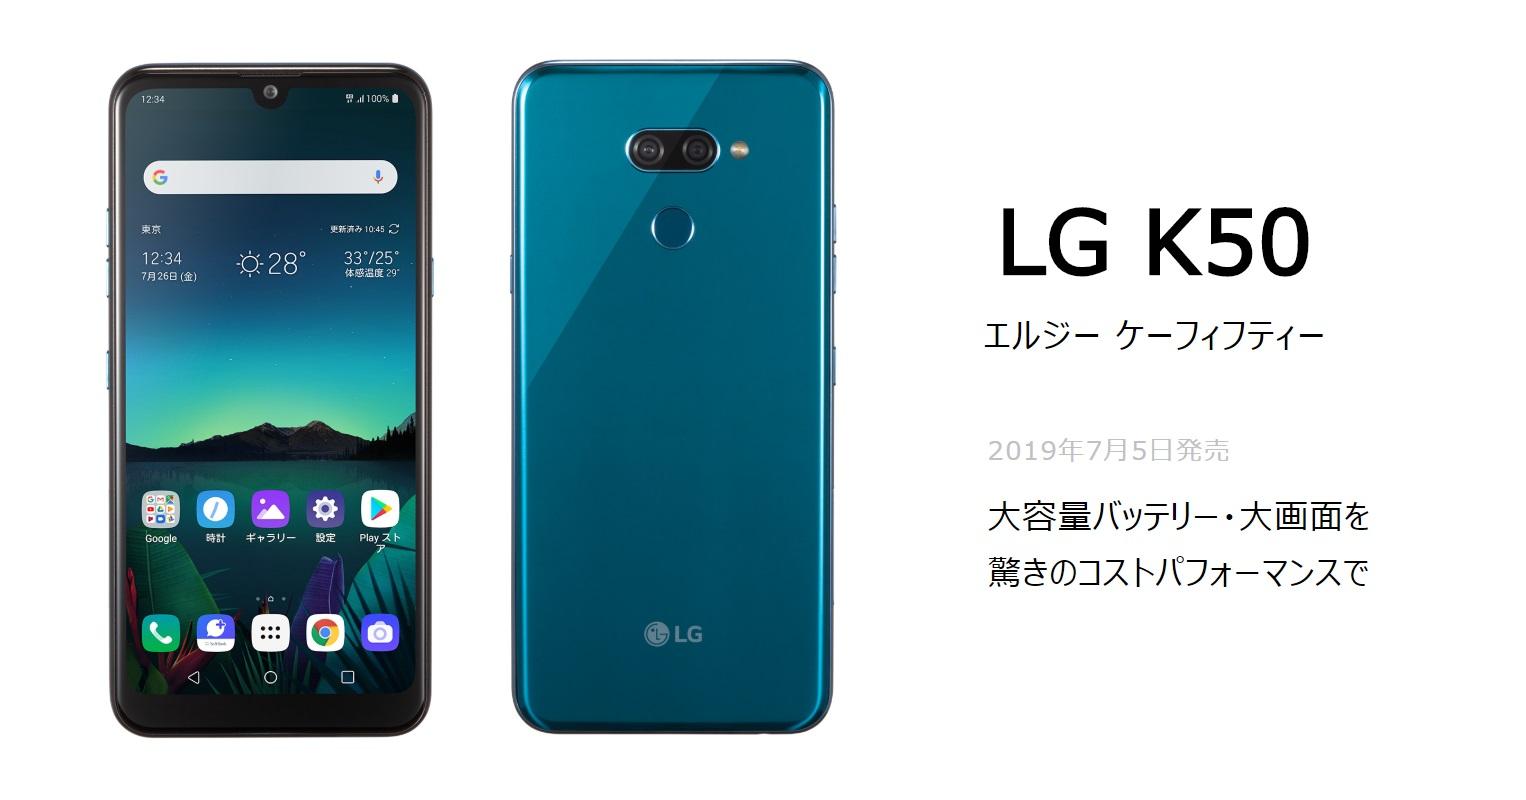 ソフトバンク LG K50